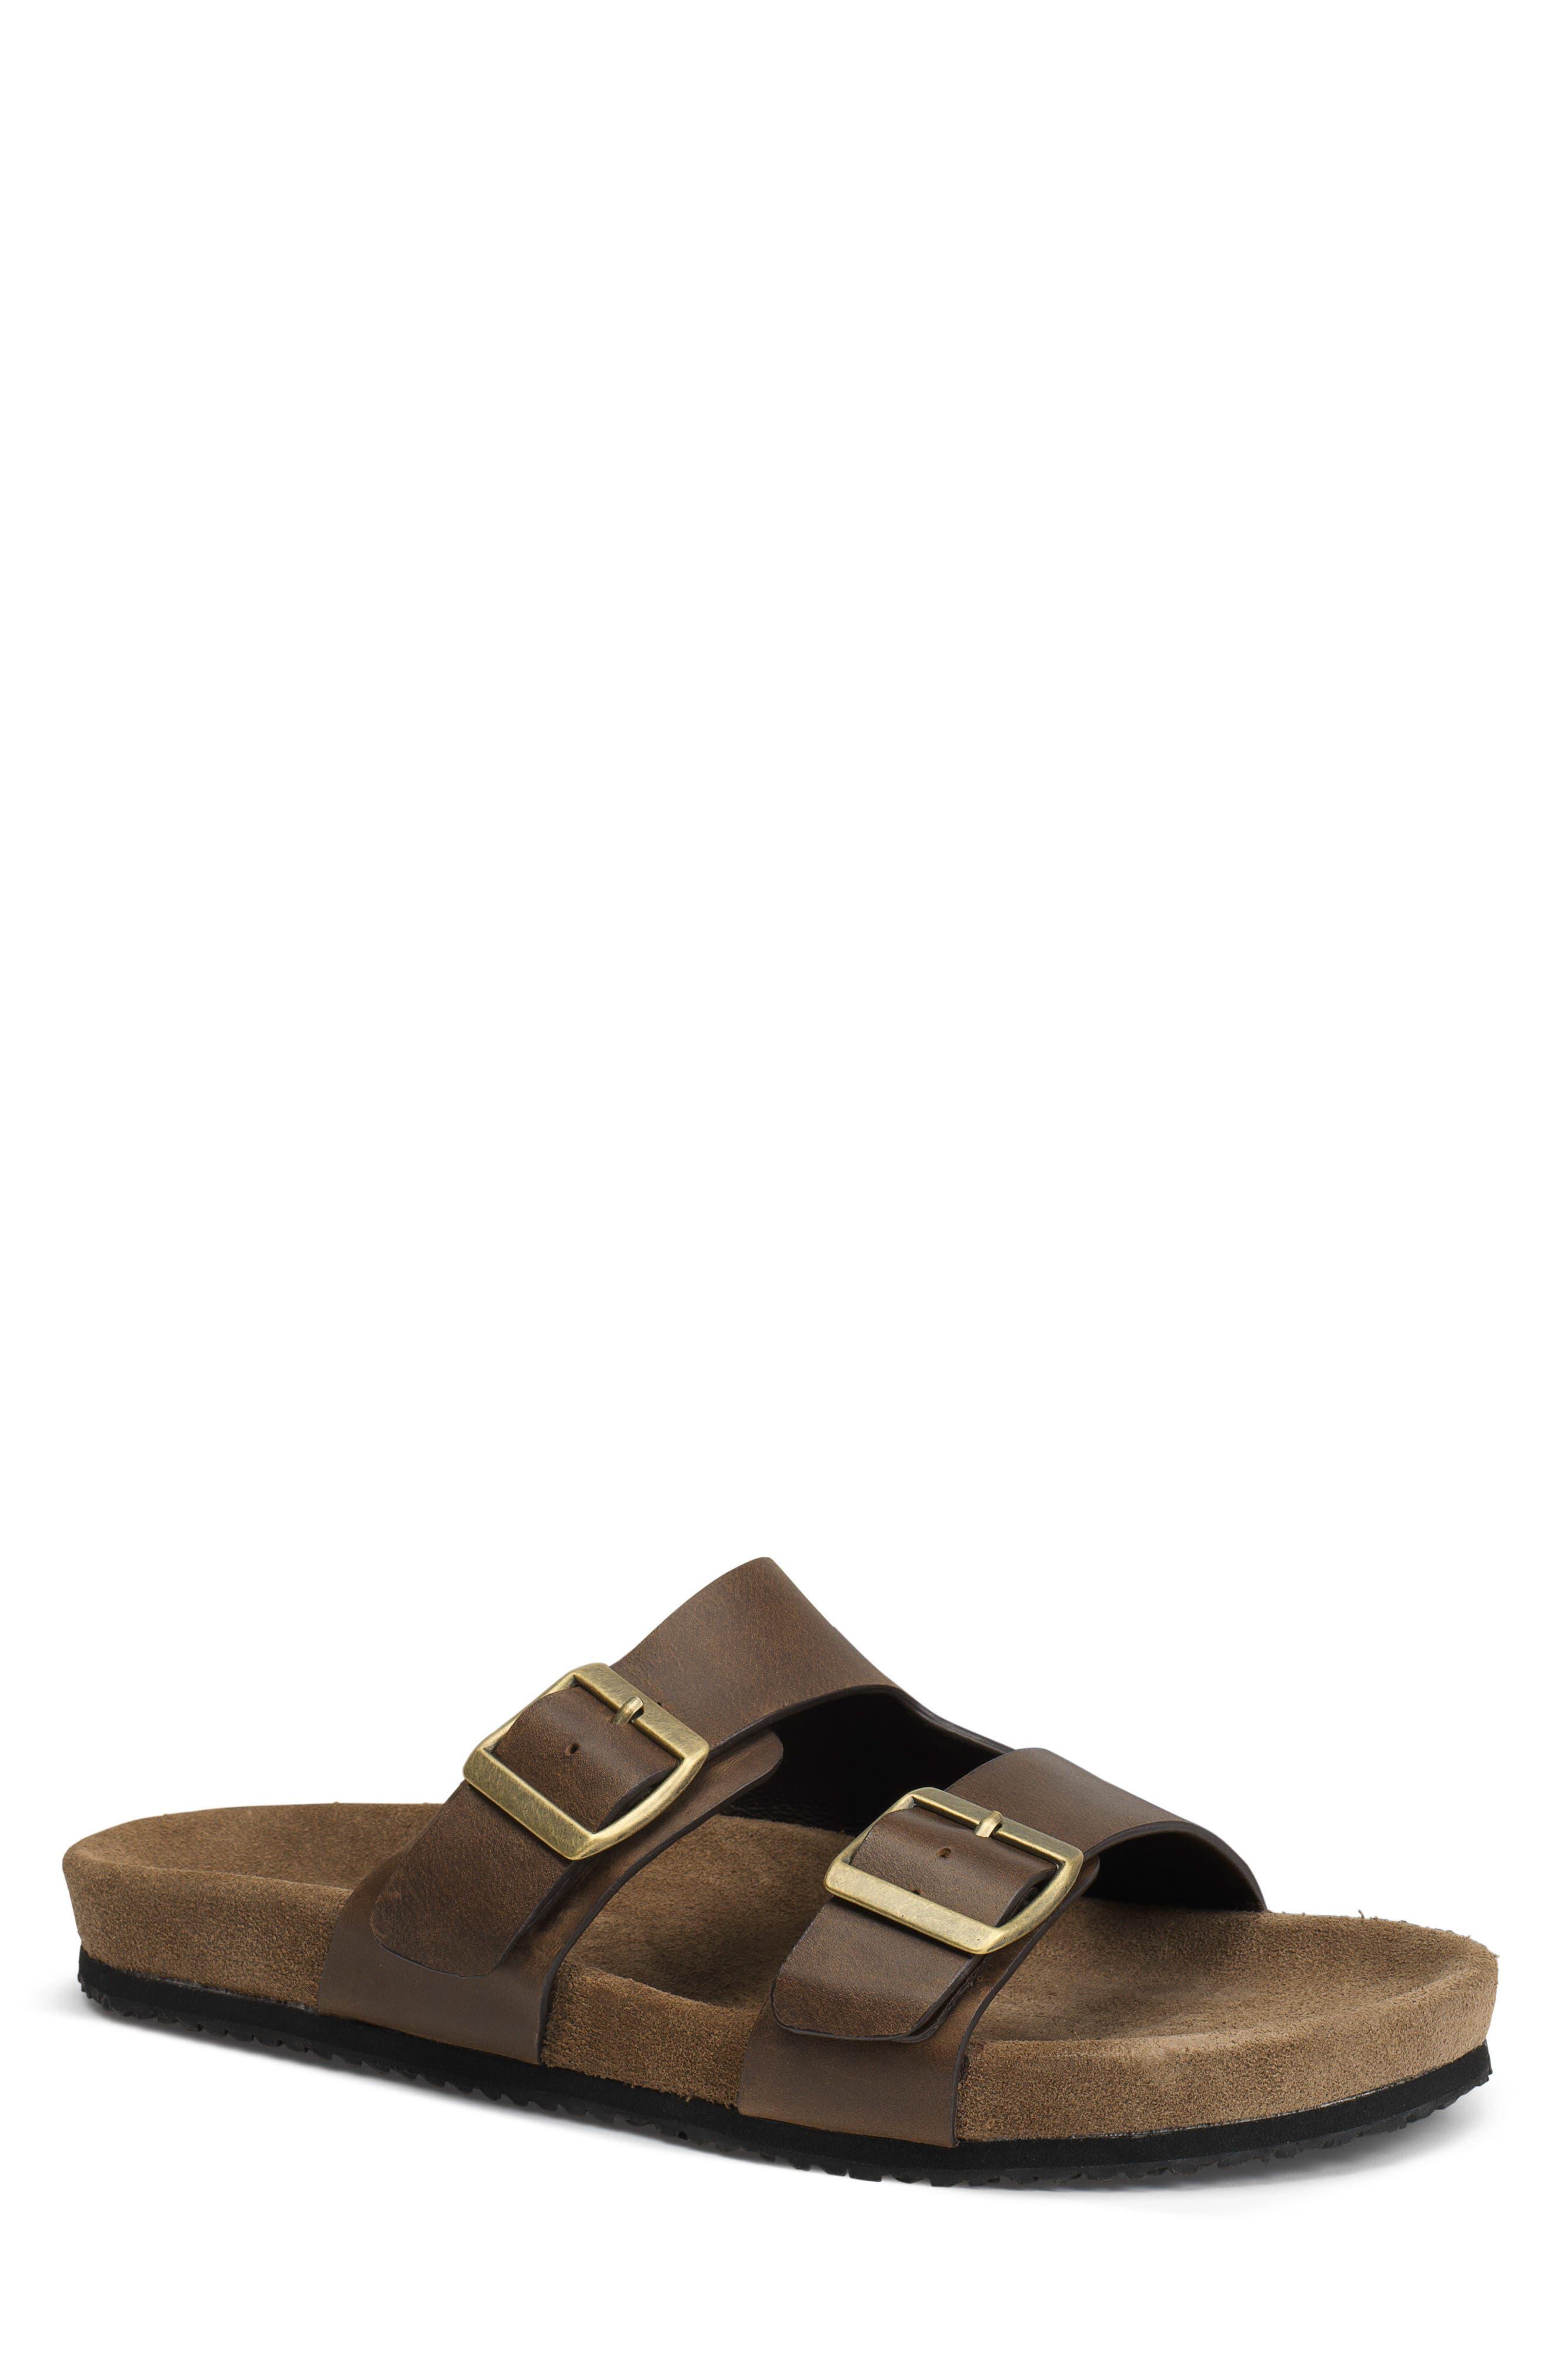 Findley Slide Sandal,                         Main,                         color, BROWN OILED